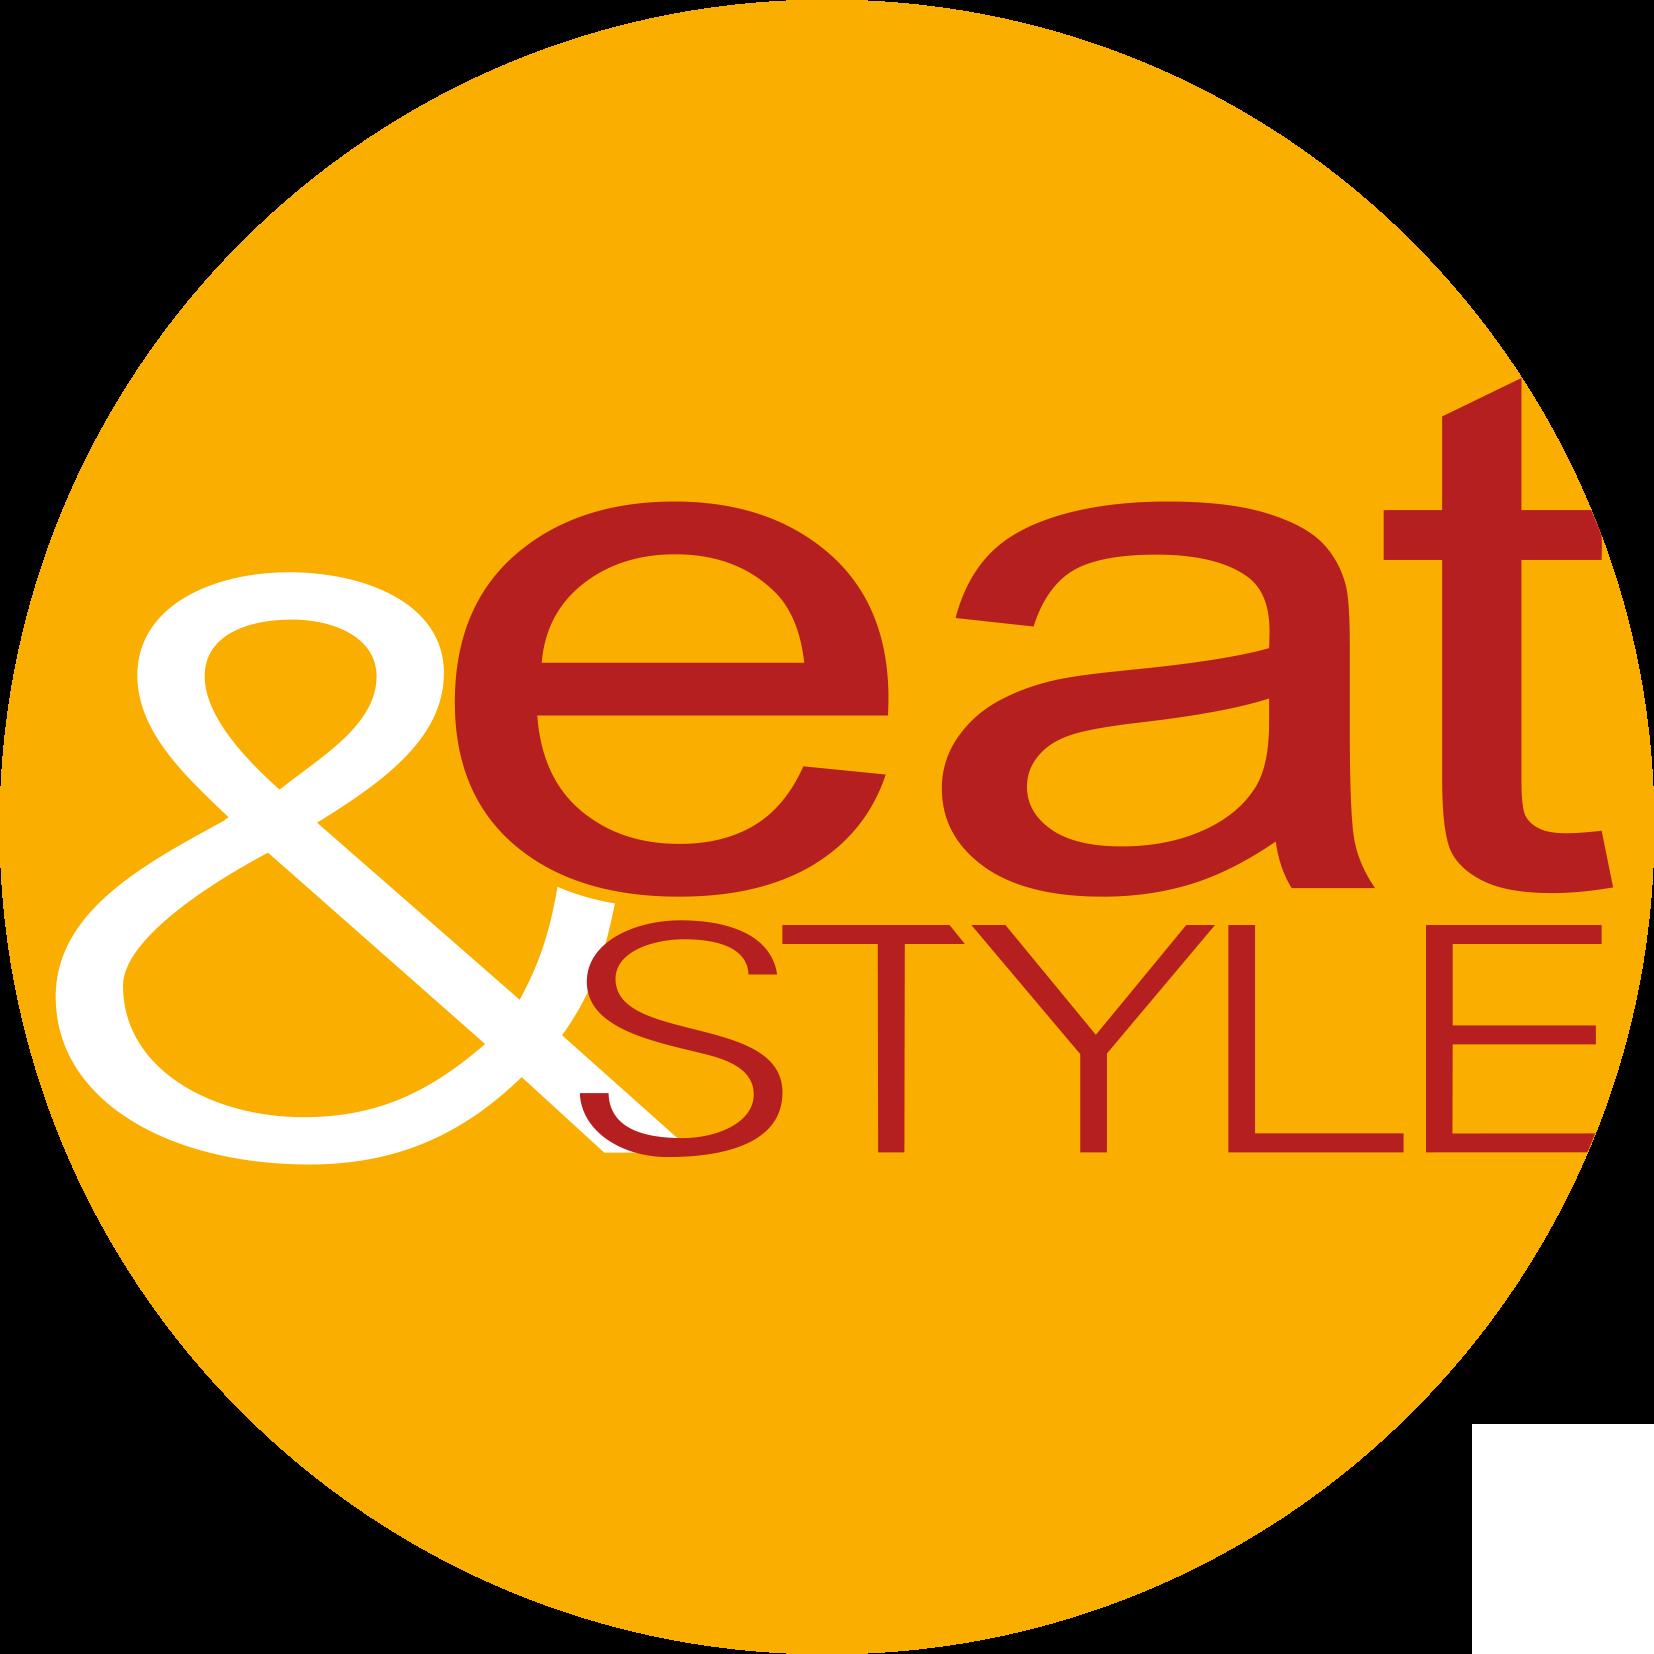 eat style deutschlands gr tes food festival. Black Bedroom Furniture Sets. Home Design Ideas